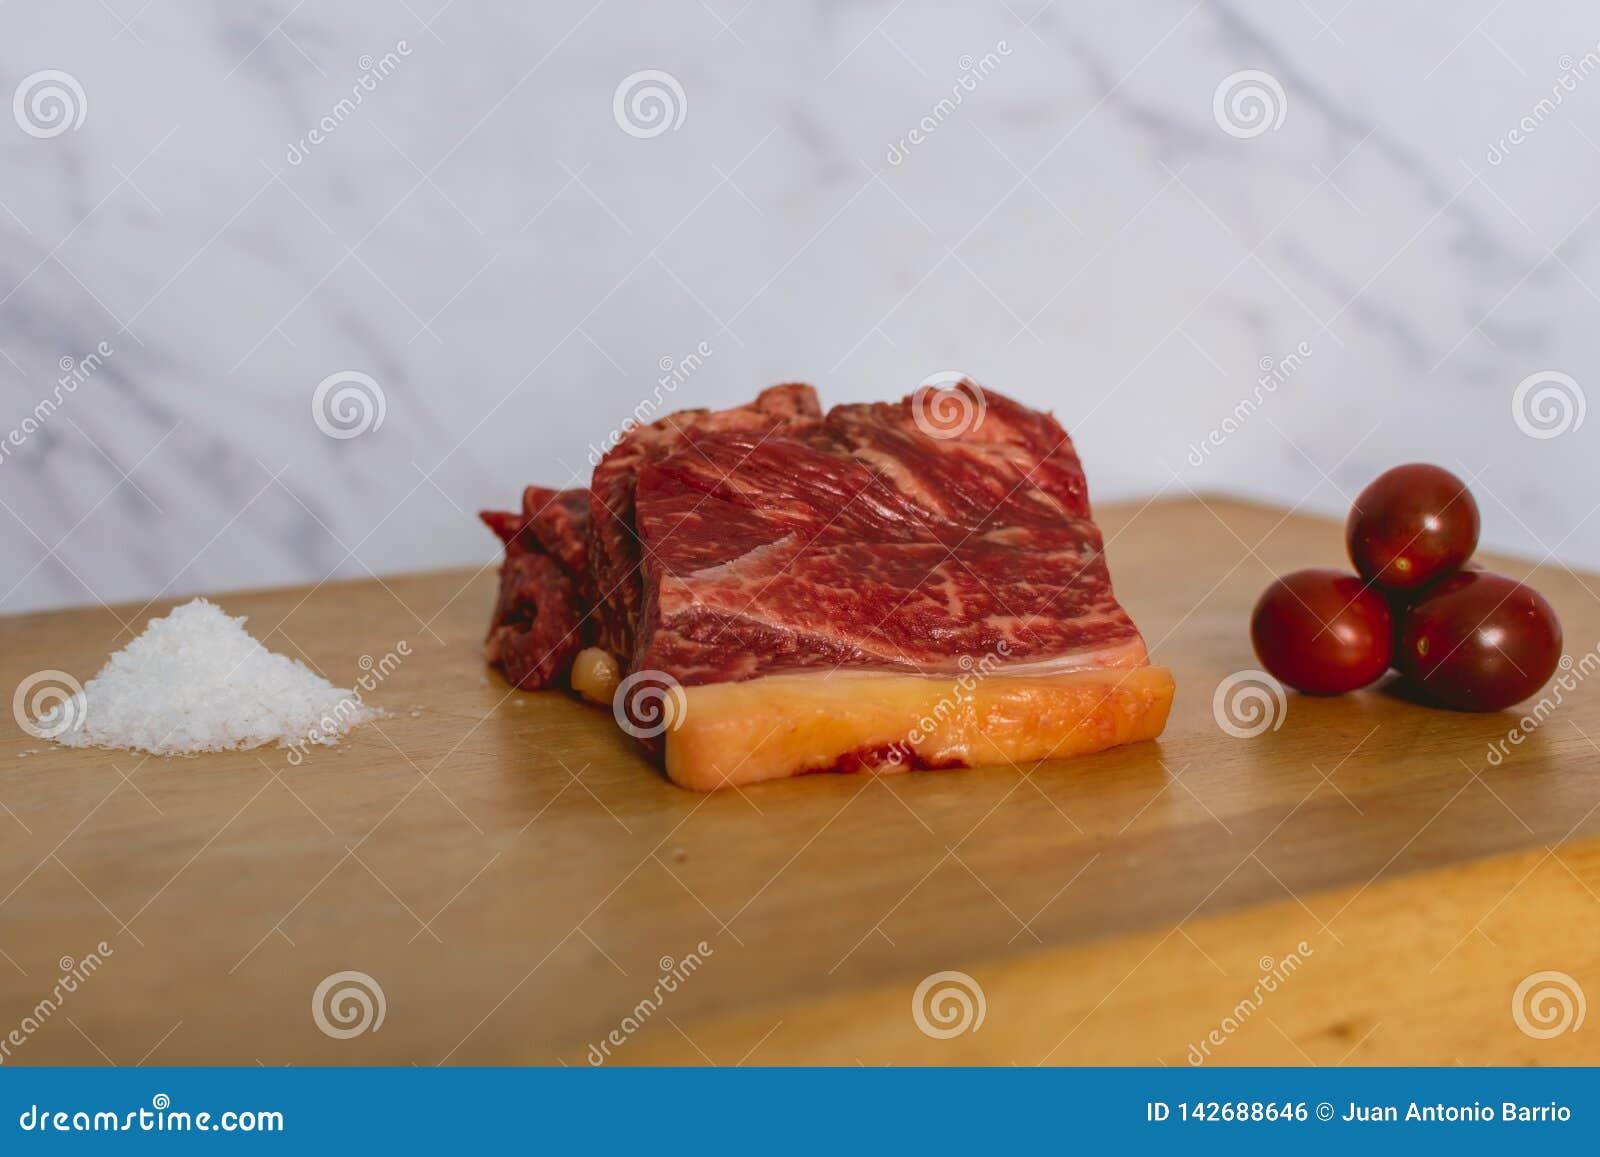 Plasterki świeży surowy wołowina stek na drewnianej desce na białym tle z udziałami prostacka sól i czereśniowych pomidorów ostro